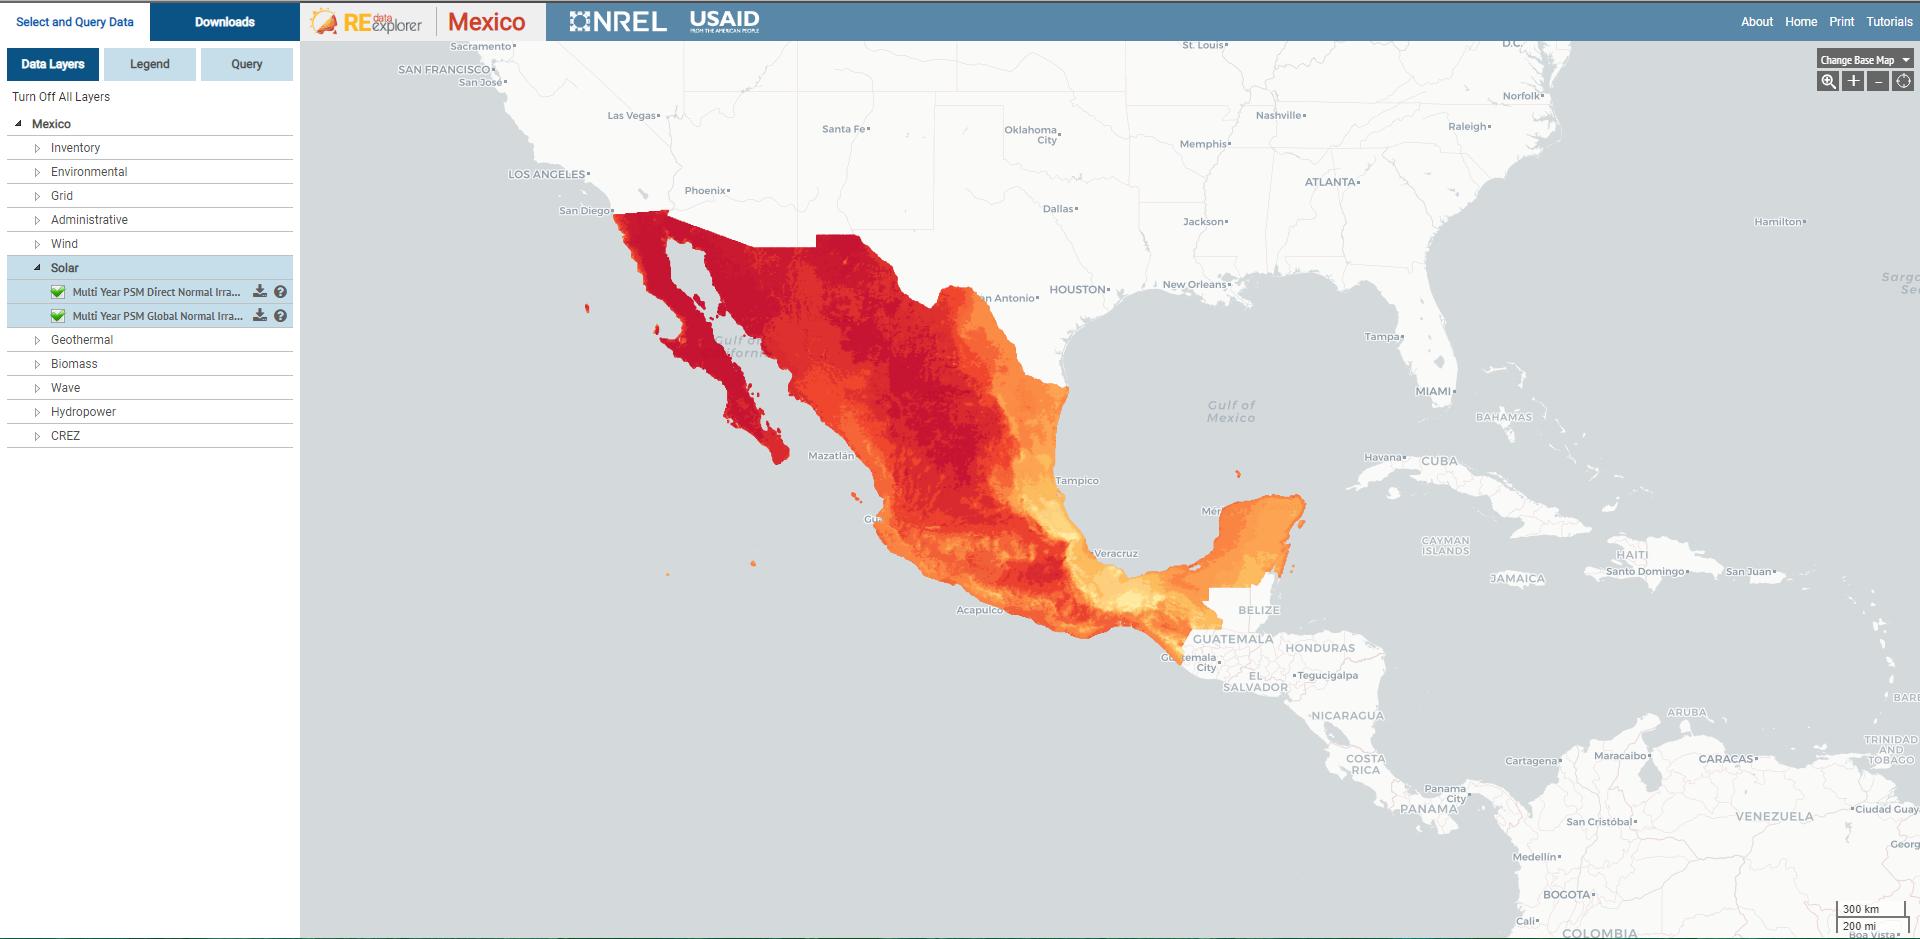 ¿Cómo obtener la hora solar pico en México?